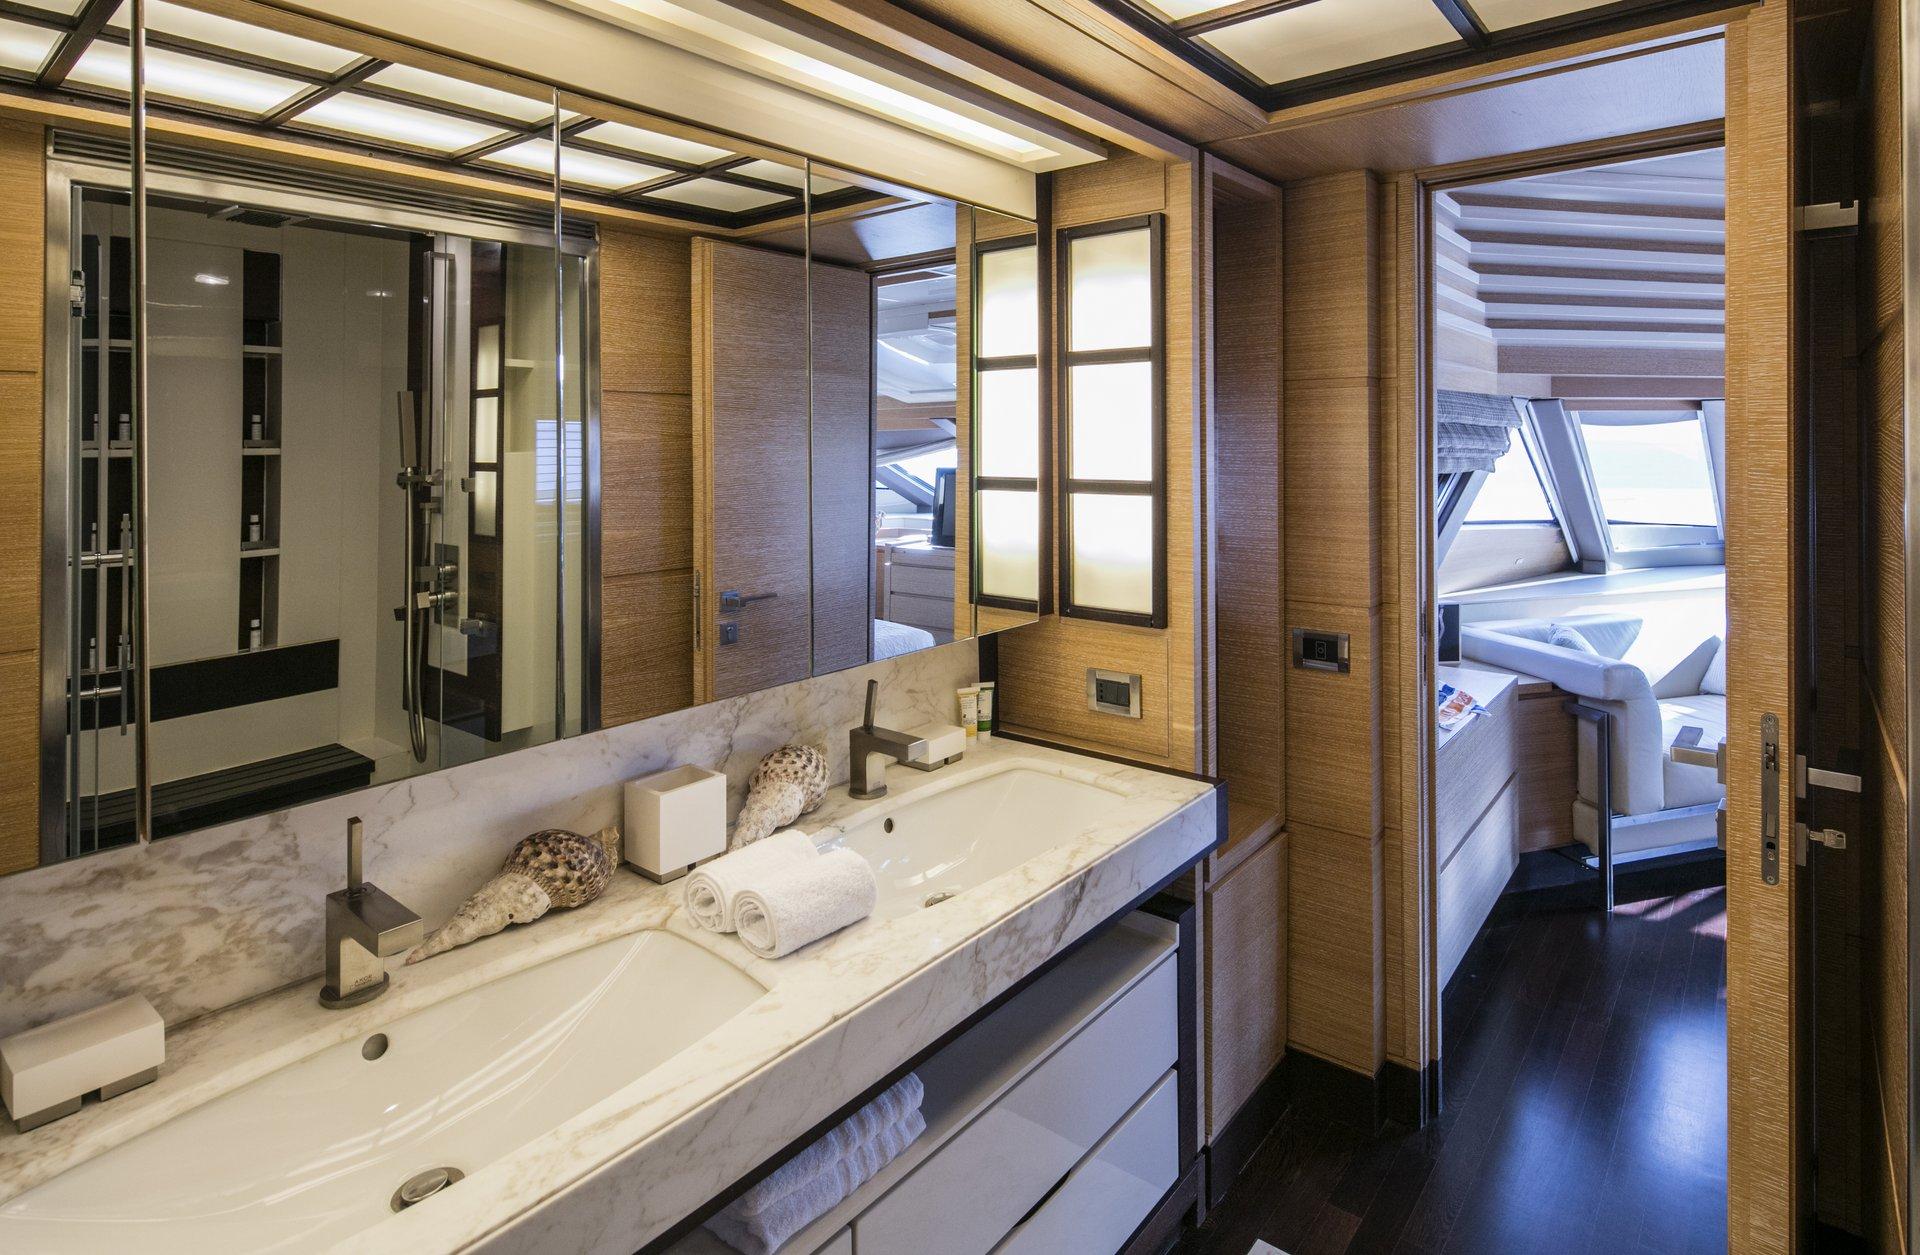 M/Y RINI yacht for charter bathroom